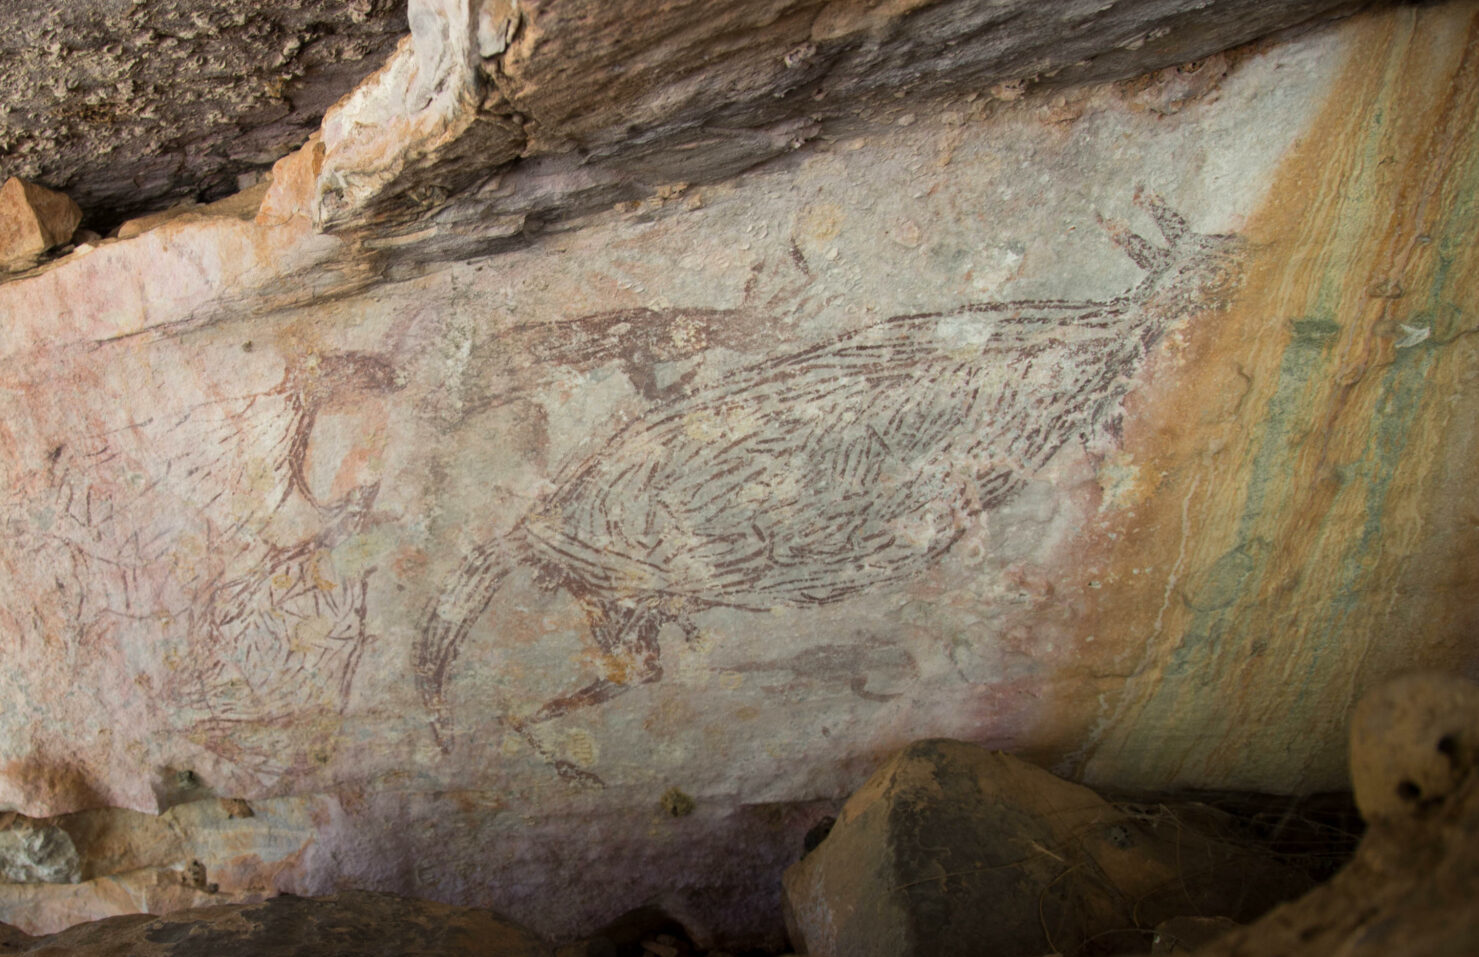 Découverte de la plus ancienne peinture rupestre d'Australie